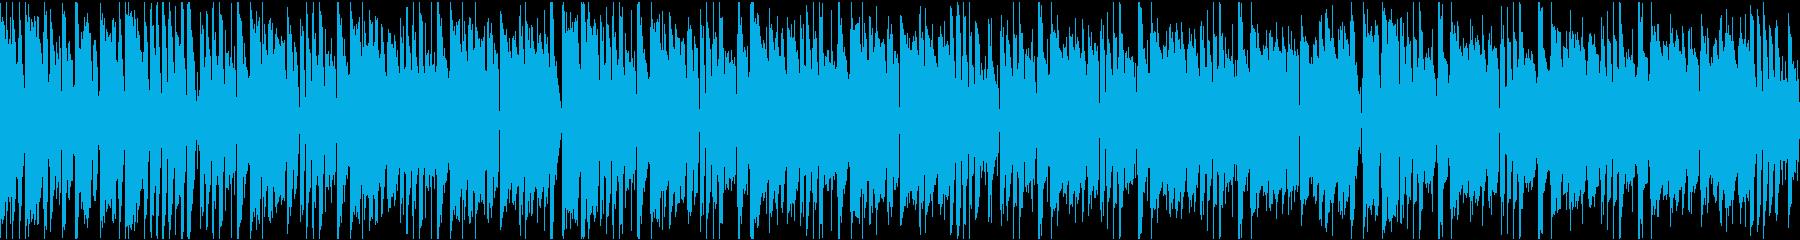 かわいいコミカル/ループ/イントロ8秒の再生済みの波形